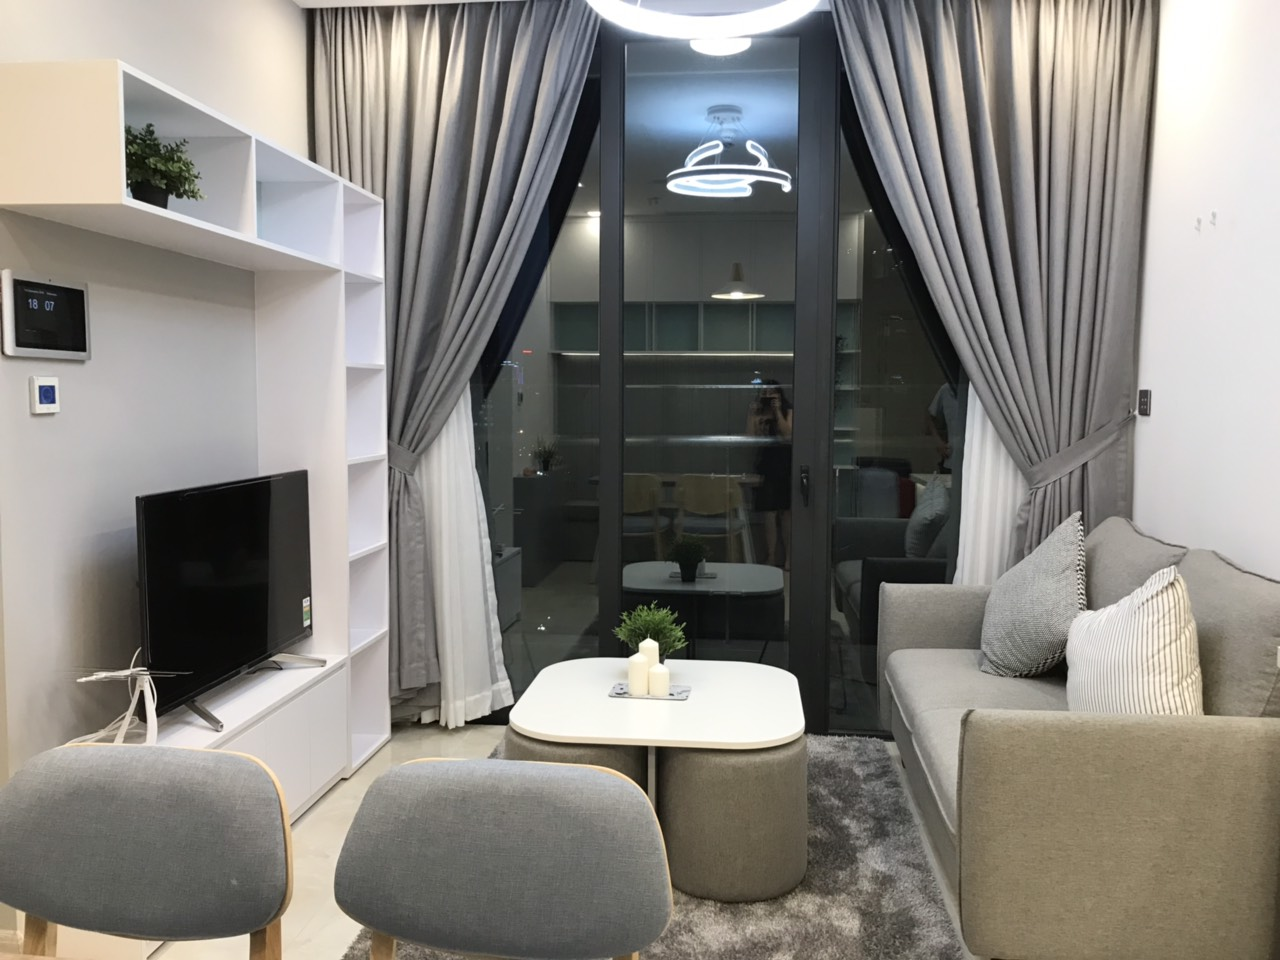 Cho thuê 2 phòng ngủ Vinhomes Golden river - ID 010100